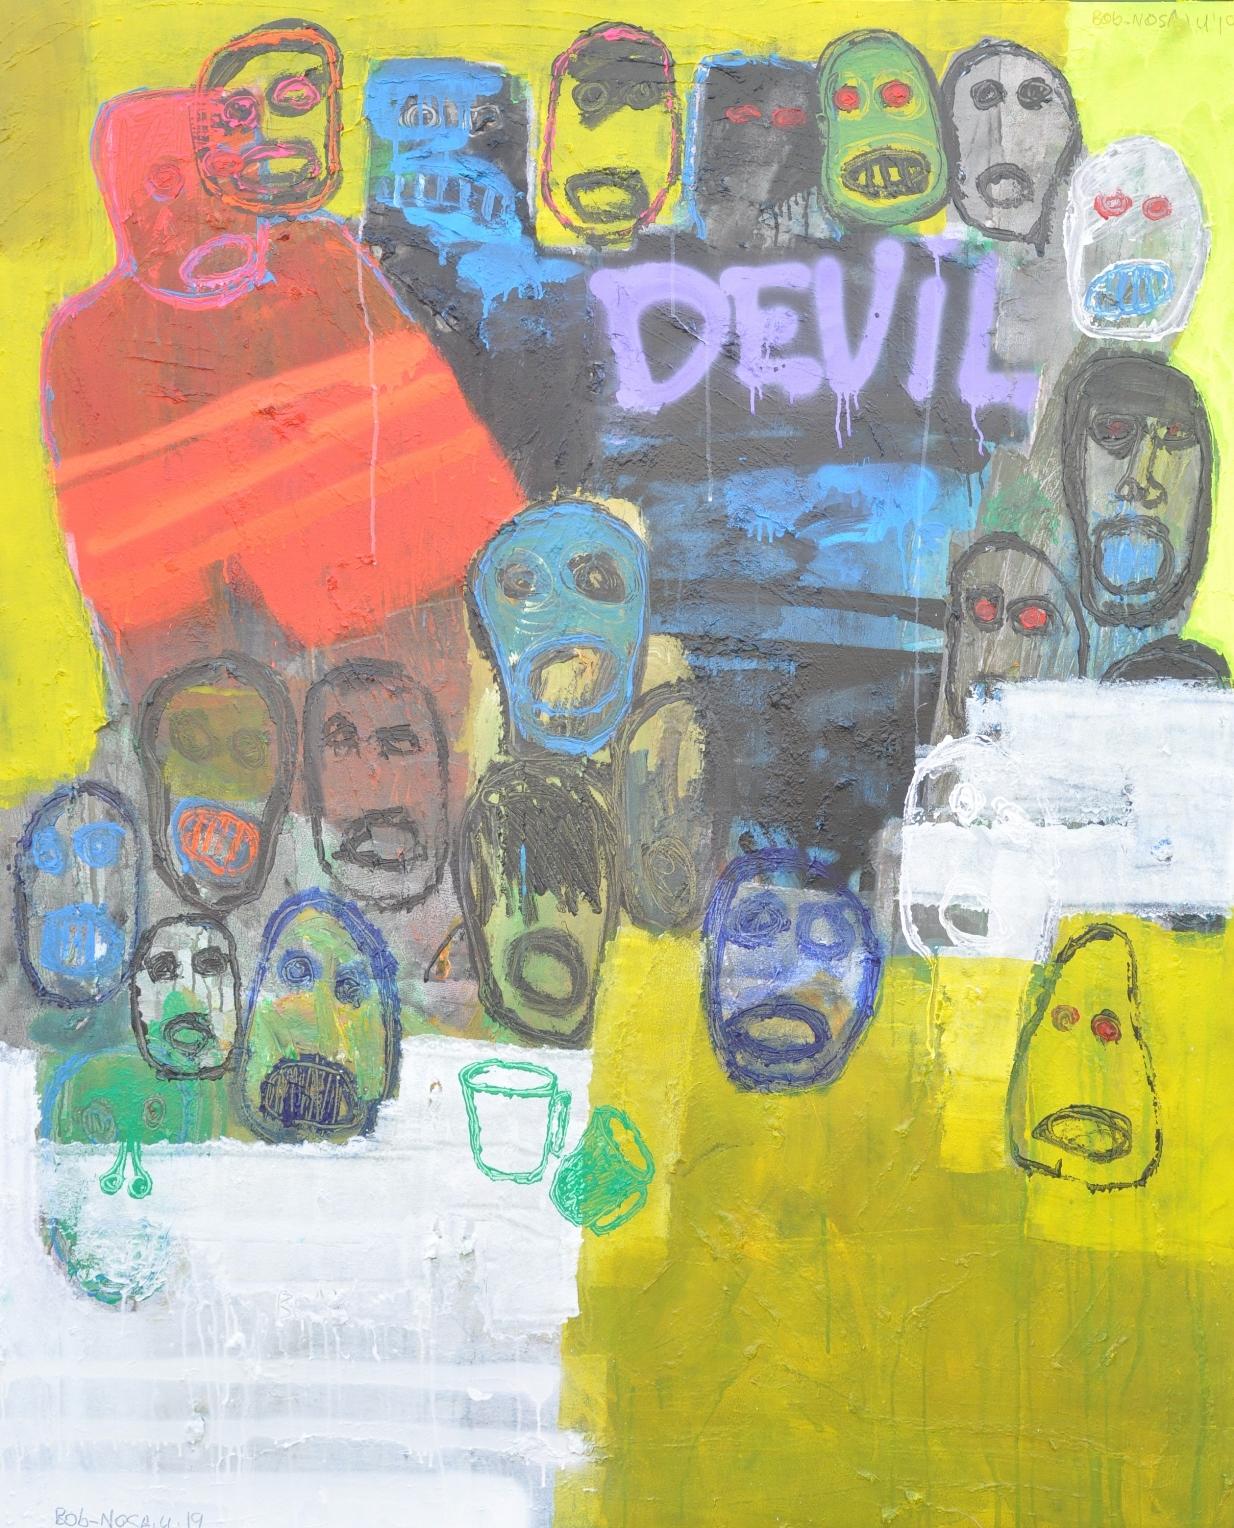 Devils delegates